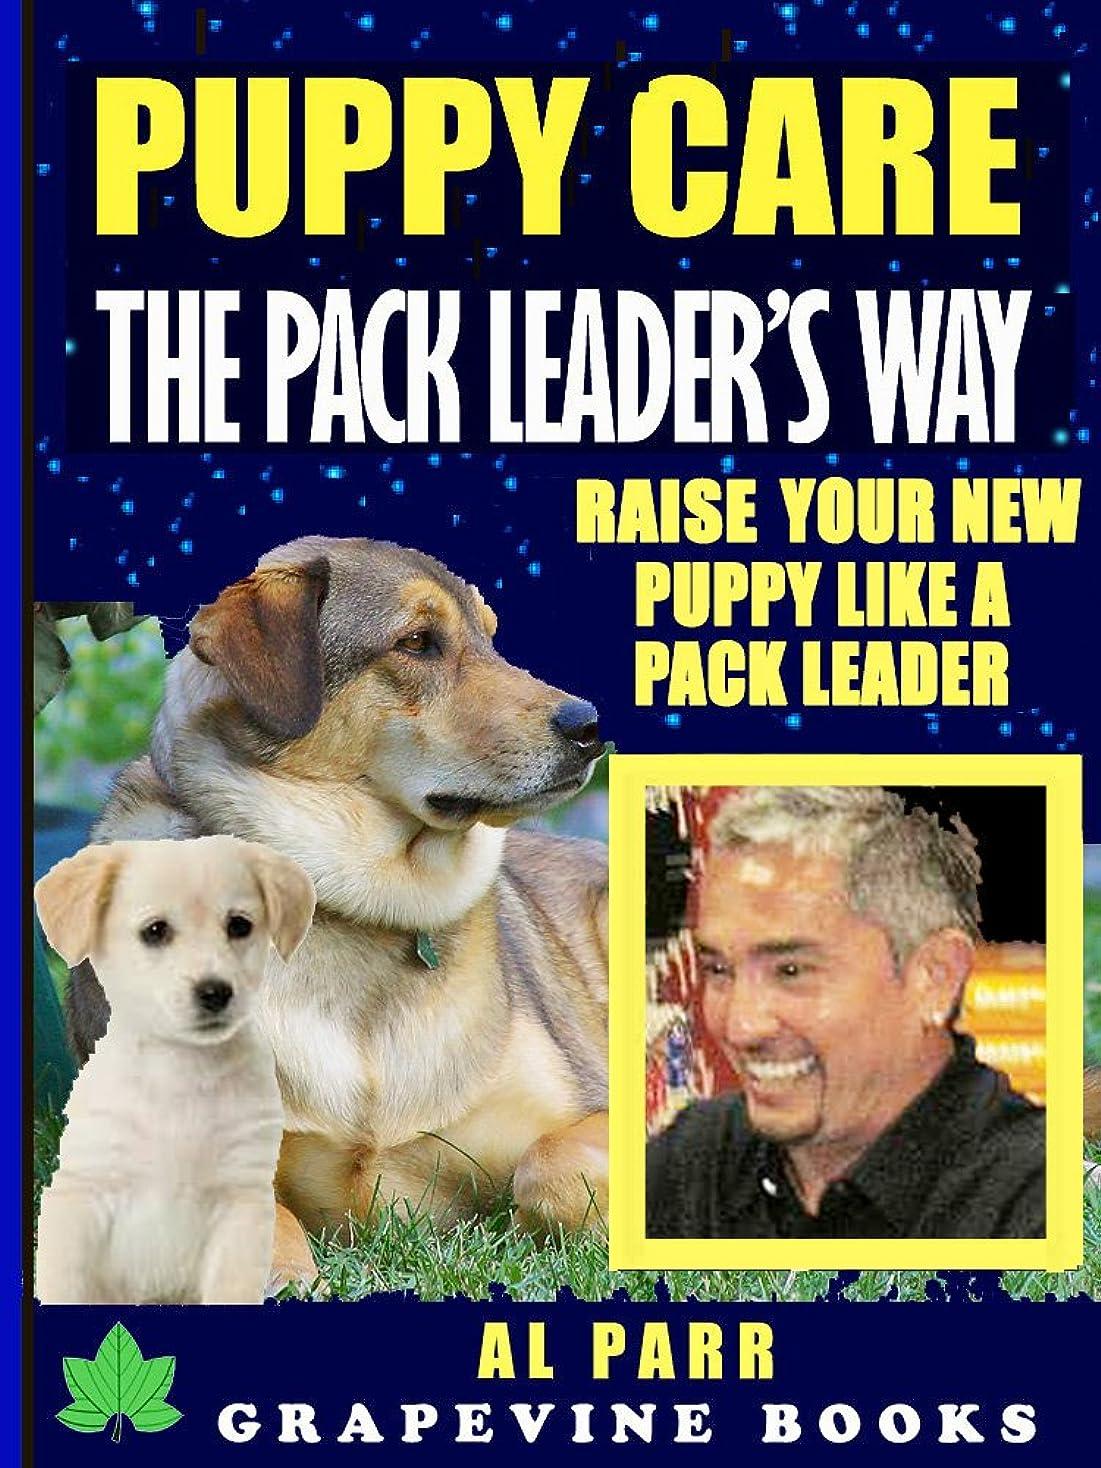 札入れ秀でる牛肉Puppy Care The Pack Leader's Way (Raise Your New Puppy Like A Pack Leader!): The Cesar Millan & Konrad Lorenz Dog Training Revolution (Pack Leader Training Trilogy Book 3) (English Edition)